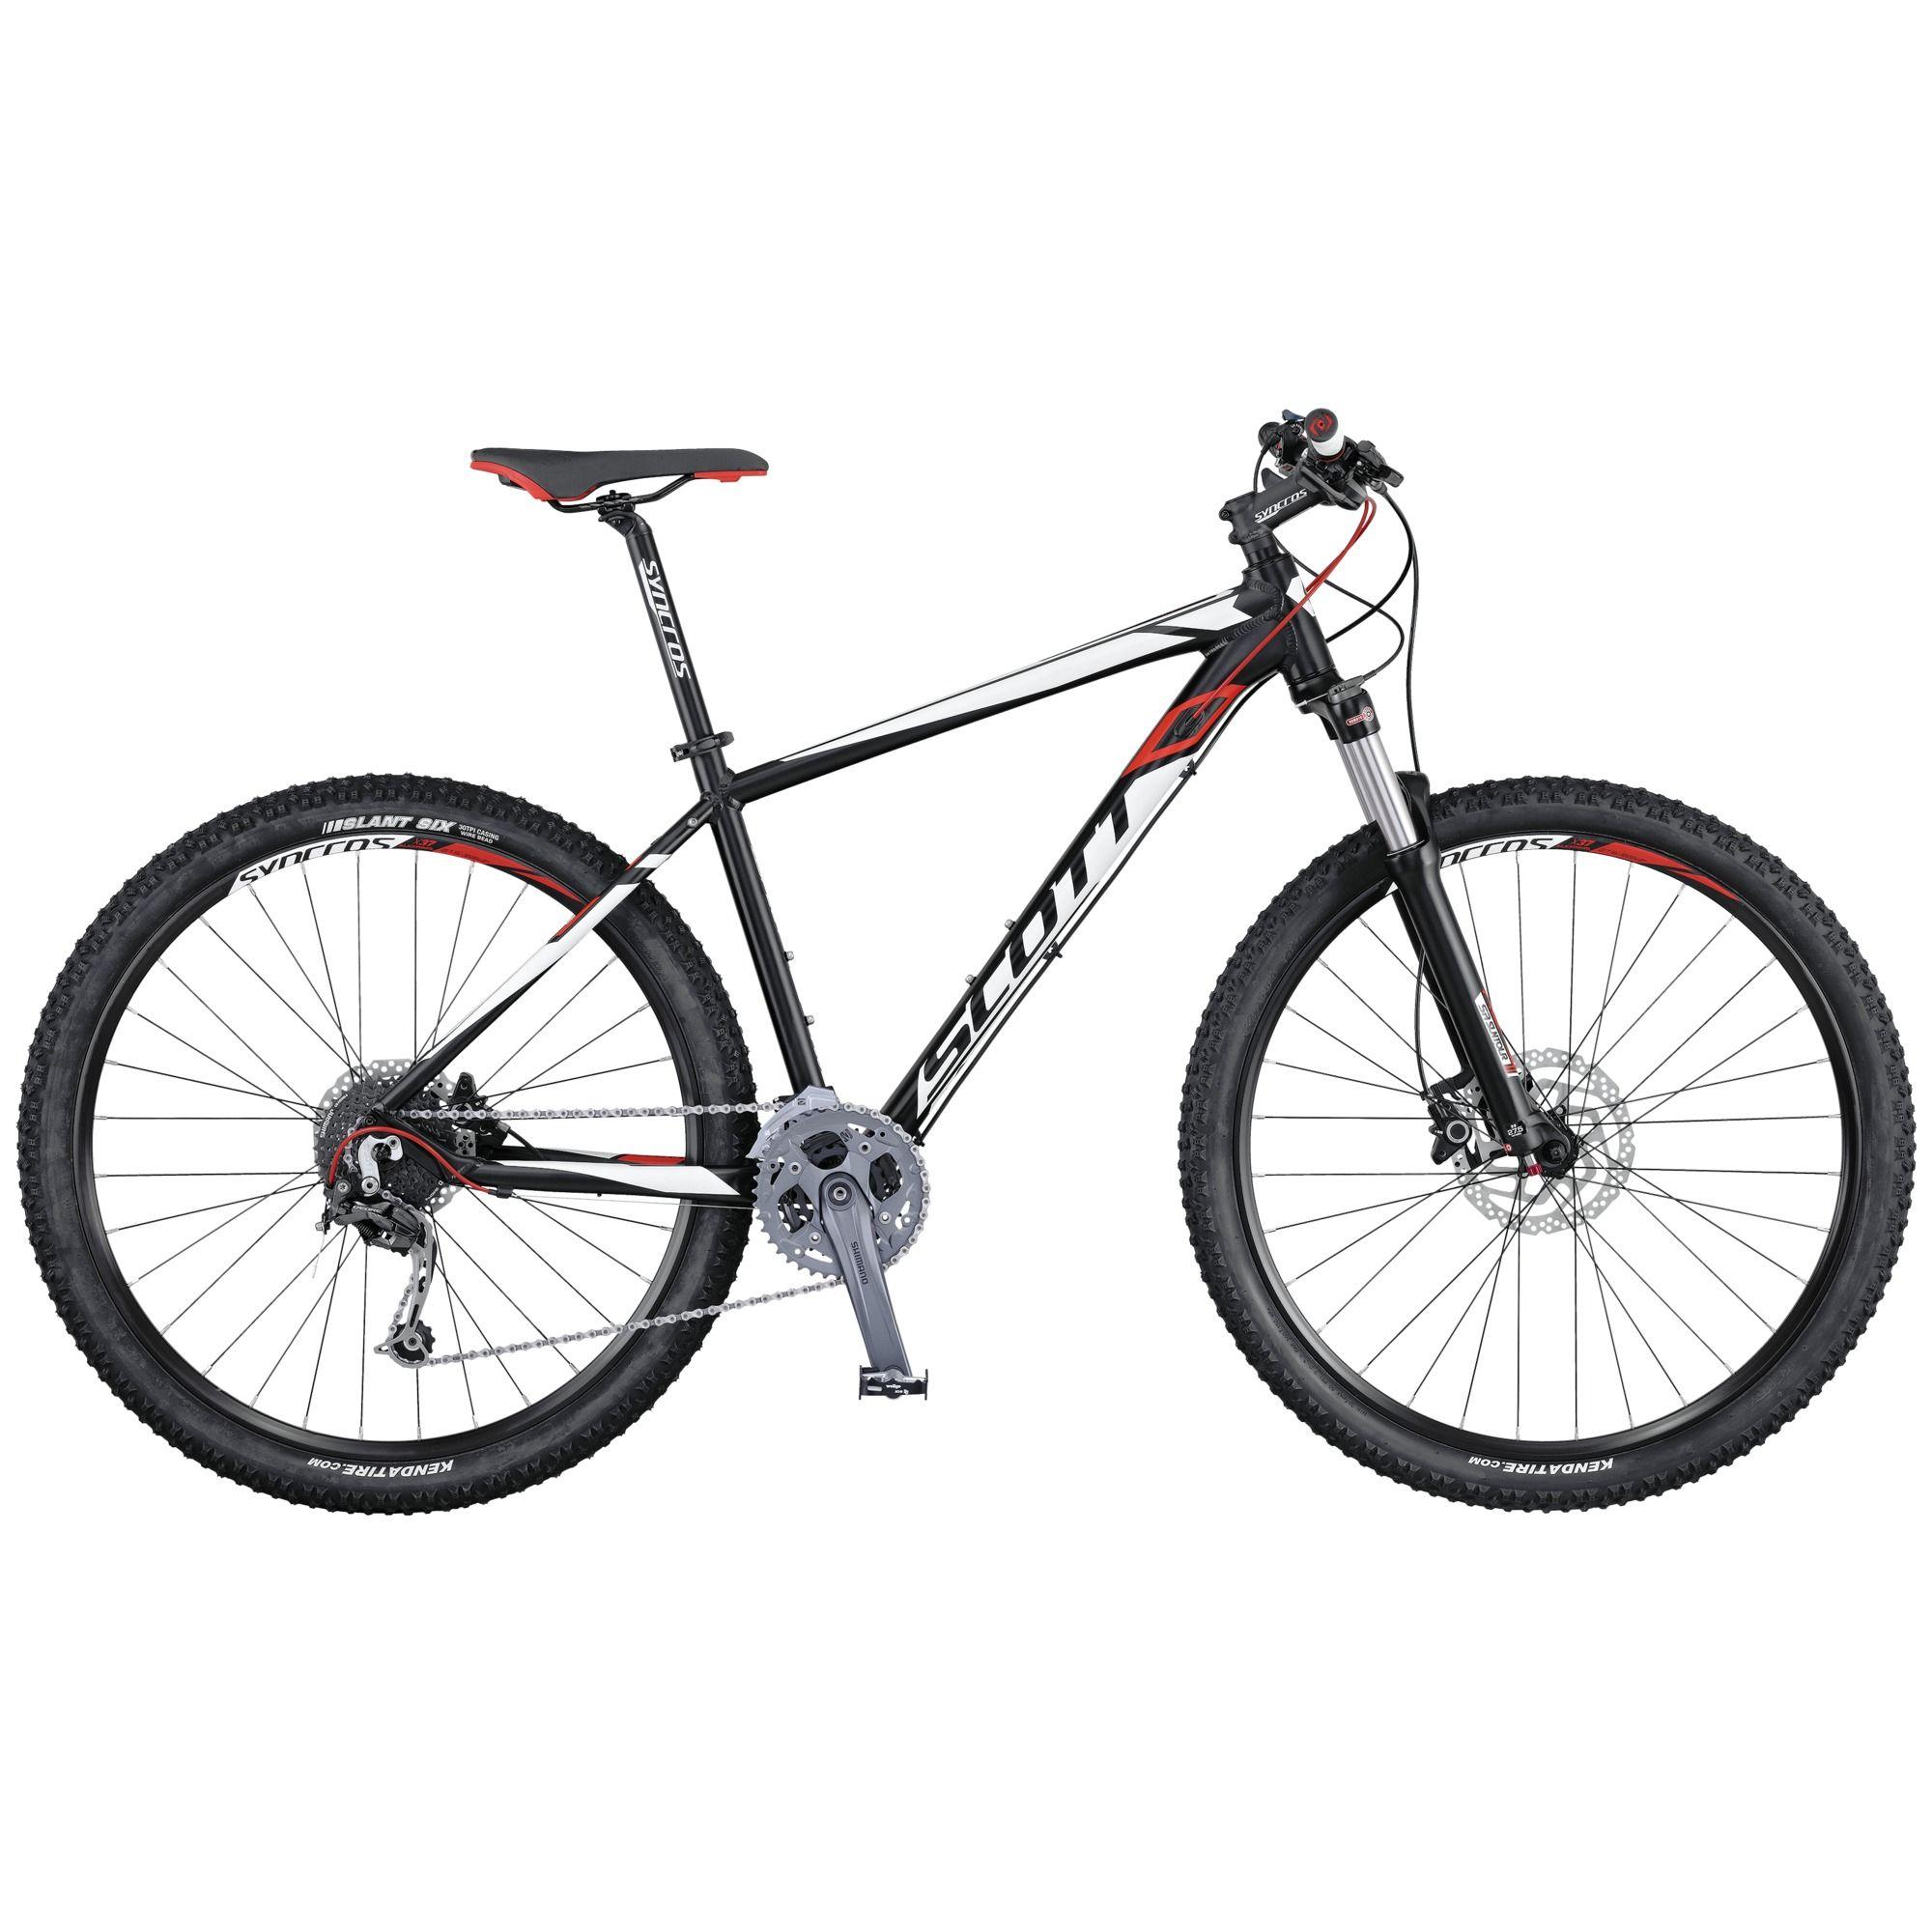 Велосипед ScottГорные<br>Высококлассный хардтейл Scott Aspect 930 подойдет как продвинутым спортсменам, так и обычным любителям комфортных прогулок по пересеченной местности. Отличное сочетание цены и качества. Благодаря алюминиевой раме, изготовленной с применением технологии двойного баттинга, Scott Aspect 930 получился прочным и легким одновременно. Амортизационная вилка Suntour XCR-RL-R 29 позволит без труда преодолевать каменные участки трассы. Высокоуровневое навесное оборудование Shimano Deore поможет быстро и плавно подобрать нужную передачу.<br><br>year: 2016<br>пол: мужской<br>тип рамы: хардтейл<br>уровень оборудования: продвинутый<br>длина хода вилки: от 100 до 150 мм<br>блокировка амортизатора: да<br>вынос: Syncros M3.0, HL-D507A<br>руль: Syncros M3.0, ширина 720 мм, 31.8 мм, 9°<br>передний тормоз: Shimano BR-M355, диаметр ротора 180 мм<br>задний тормоз: Shimano BR-M355, диаметр ротора 160 мм<br>тормозные ручки: Shimano BL-M355<br>цепь: KMC X9<br>система: Shimano FC-M4000, 40x30x22T<br>каретка: Shimano BB-ES-300, Cartridge Type<br>педали: Wellgo M-248DU<br>ободья: Syncros X-39 Disc, 32H<br>передняя втулка: Formula CL51<br>задняя втулка: Shimano FH-RM 33-CL<br>спицы: 14 G, stainless<br>передняя покрышка: Kenda Slant 6, 30TPI, 29 x 2.2<br>задняя покрышка: Kenda Slant 6, 30TPI, 29 x 2.2<br>седло: Syncros M2.5<br>подседельный штырь: Syncros M3.0, 27.2mm<br>кассета: Shimano CS-HG200-9, 11-34T<br>манетки: Shimano SL-M370-9R, R-fire plus<br>вес: 14.5 кг<br>рама: Aspect 900 series, Alloy 6061 D.B. Performance geometry, Internal cable routing<br>вилка: Suntour XCR-RL-R 29, Remote Lockout, reb. Adj, ход 100 мм<br>тип заднего амортизатора: без амортизатора<br>цвет: белый<br>размер рамы: 18&amp;amp;quot;<br>материал рамы: алюминий<br>тип тормозов: дисковый гидравлический<br>диаметр колеса: 29<br>тип амортизированной вилки: воздушно-масляная<br>передний переключатель: Shimano FD-M3000 / 31.8mm<br>задний переключатель: Shimano Deore RD-M592, 27 Speed<br>количество ско